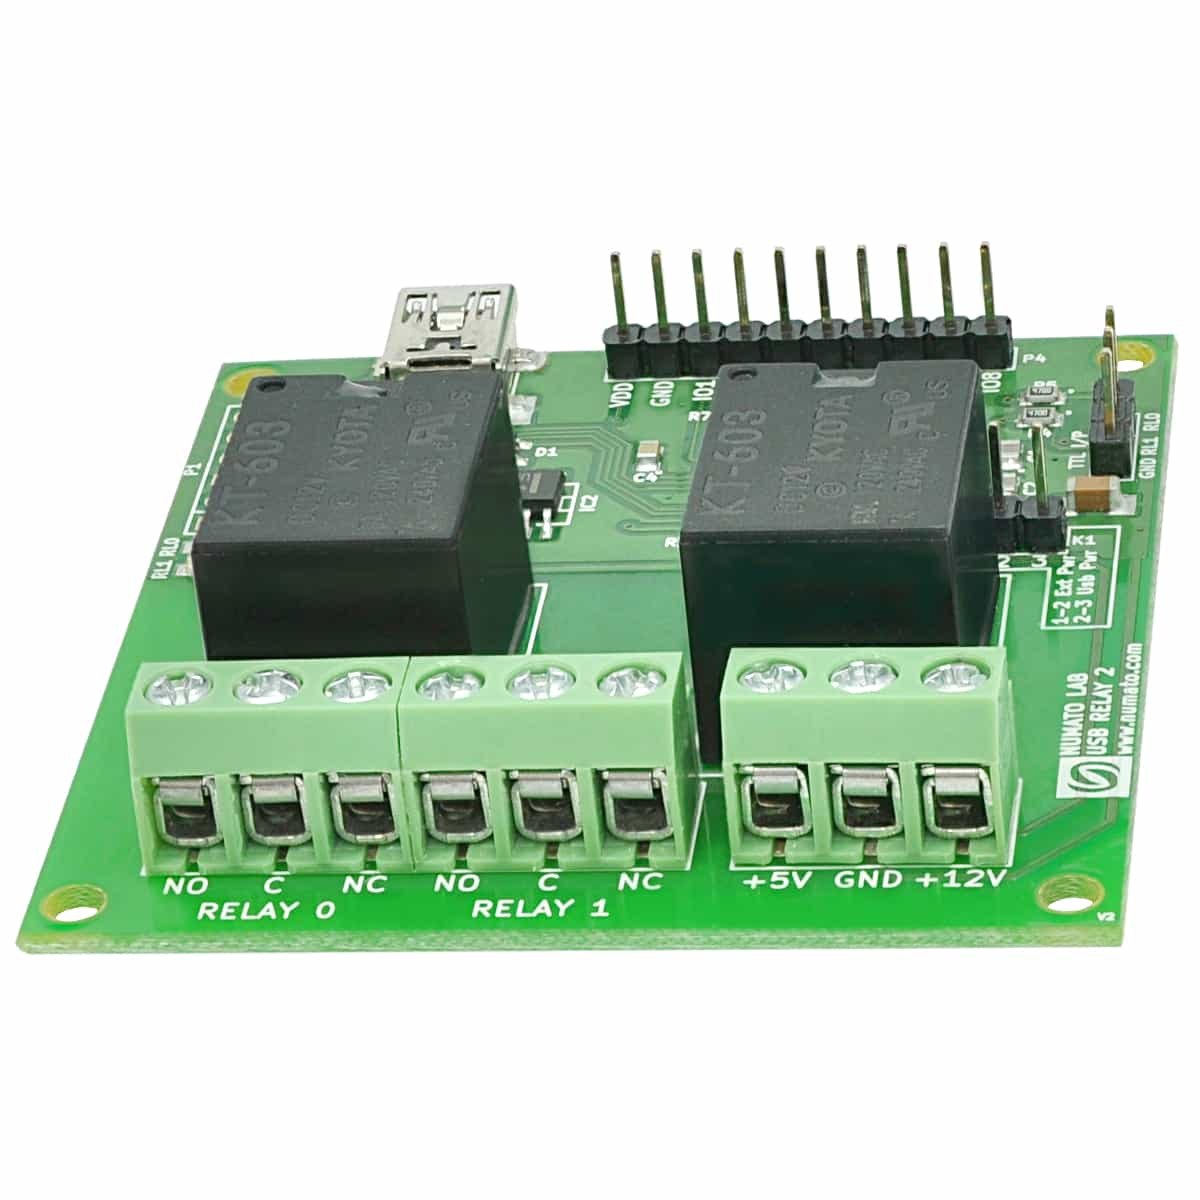 Sinelec Technologies 2 Channel Relay Board Usb Module